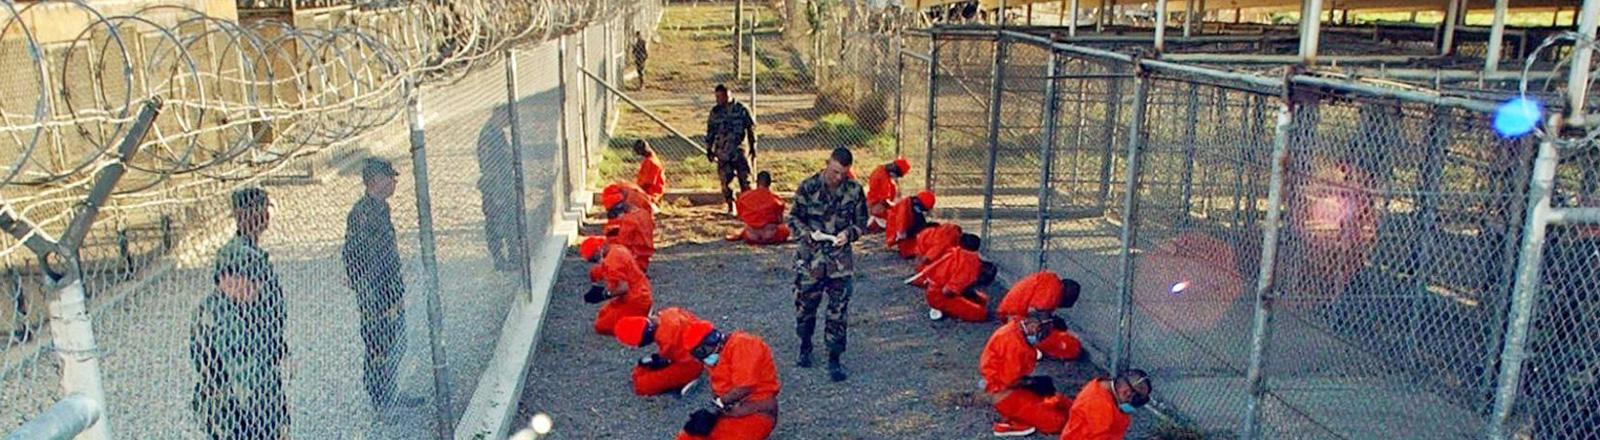 In orangefarbene Overalls gekleidet sitzen Häftlinge auf dem Boden. Rechts und links sind Zäunge. Wachmänner stehen herum. Aufnahme im Camp X-Ray (11.1.2002) auf dem US-Marinestützpunkt Guantanamo Bay auf Kuba; Bild: dpa